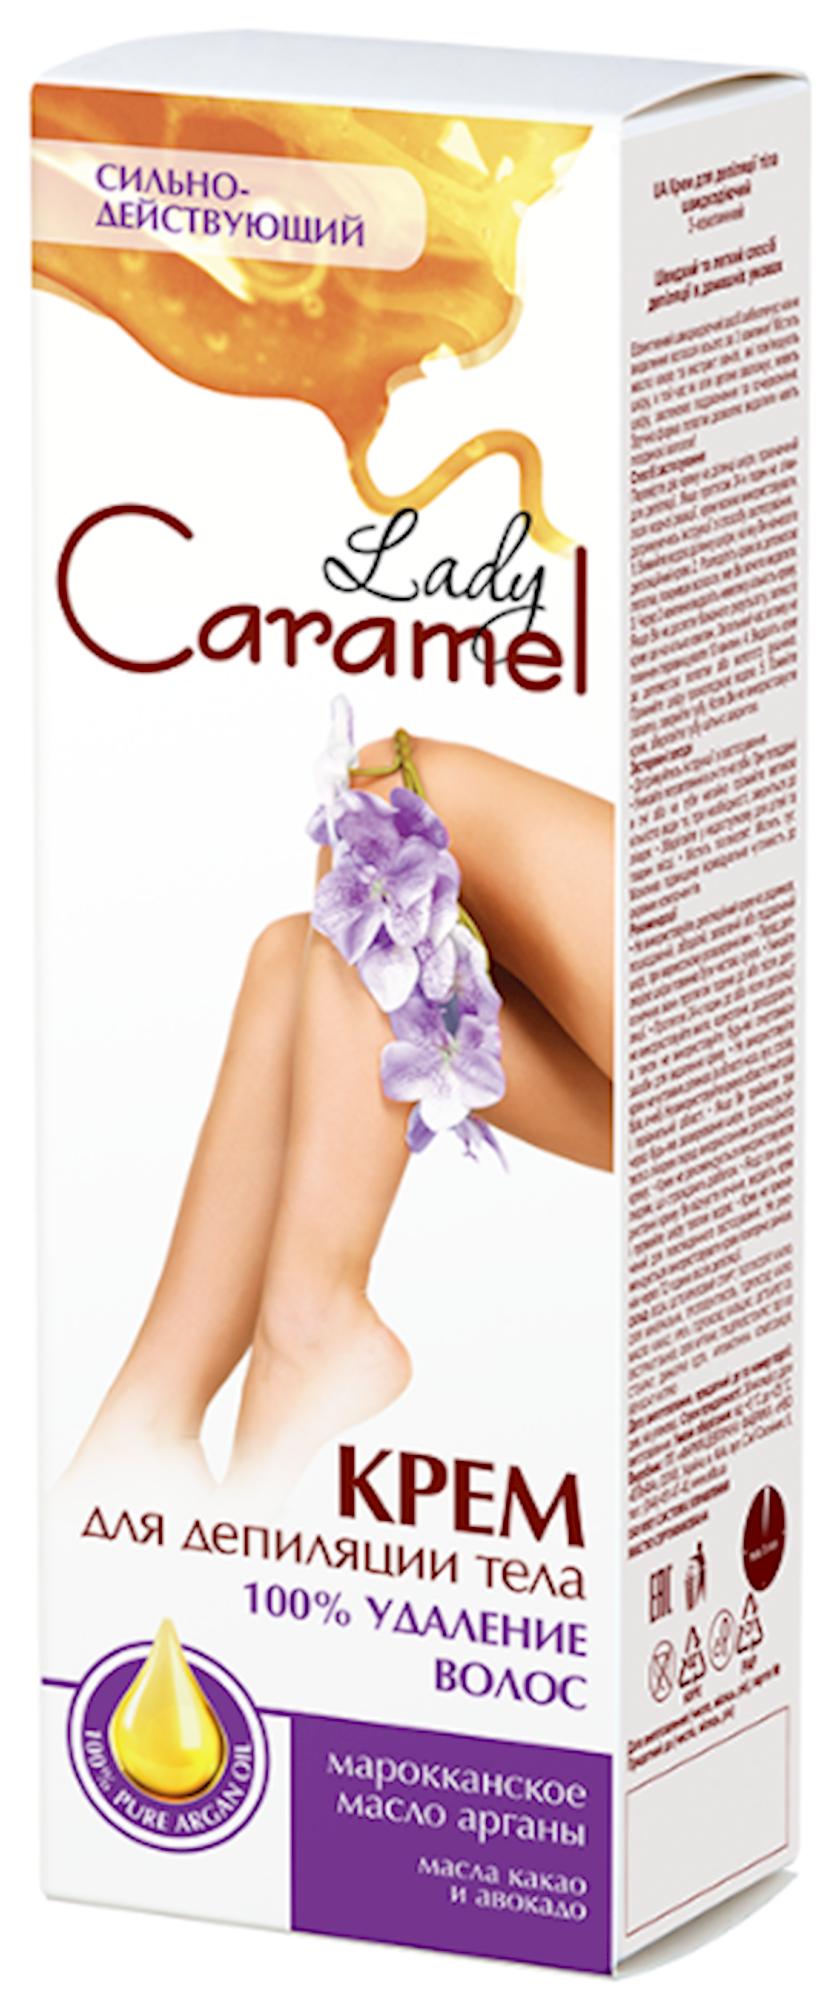 Krem Caramel depilyasiya üçün 100% təmizləmə, 100 ml